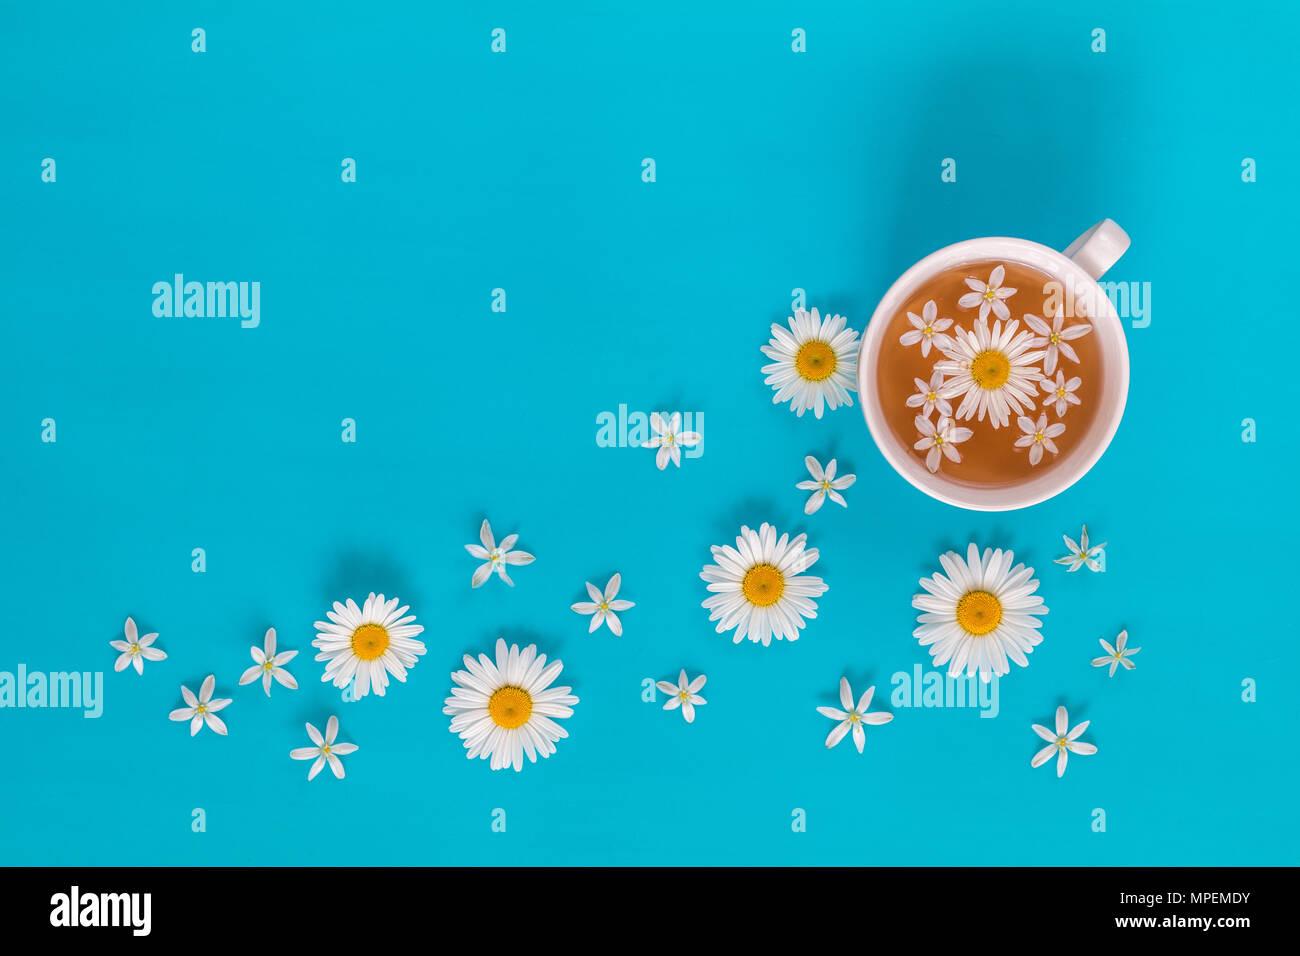 Tazza di tè con fiori freschi bouquet fiore sulla superficie blu. Appartamento laico, vista dall'alto cibo sfondo floreale. Immagini Stock